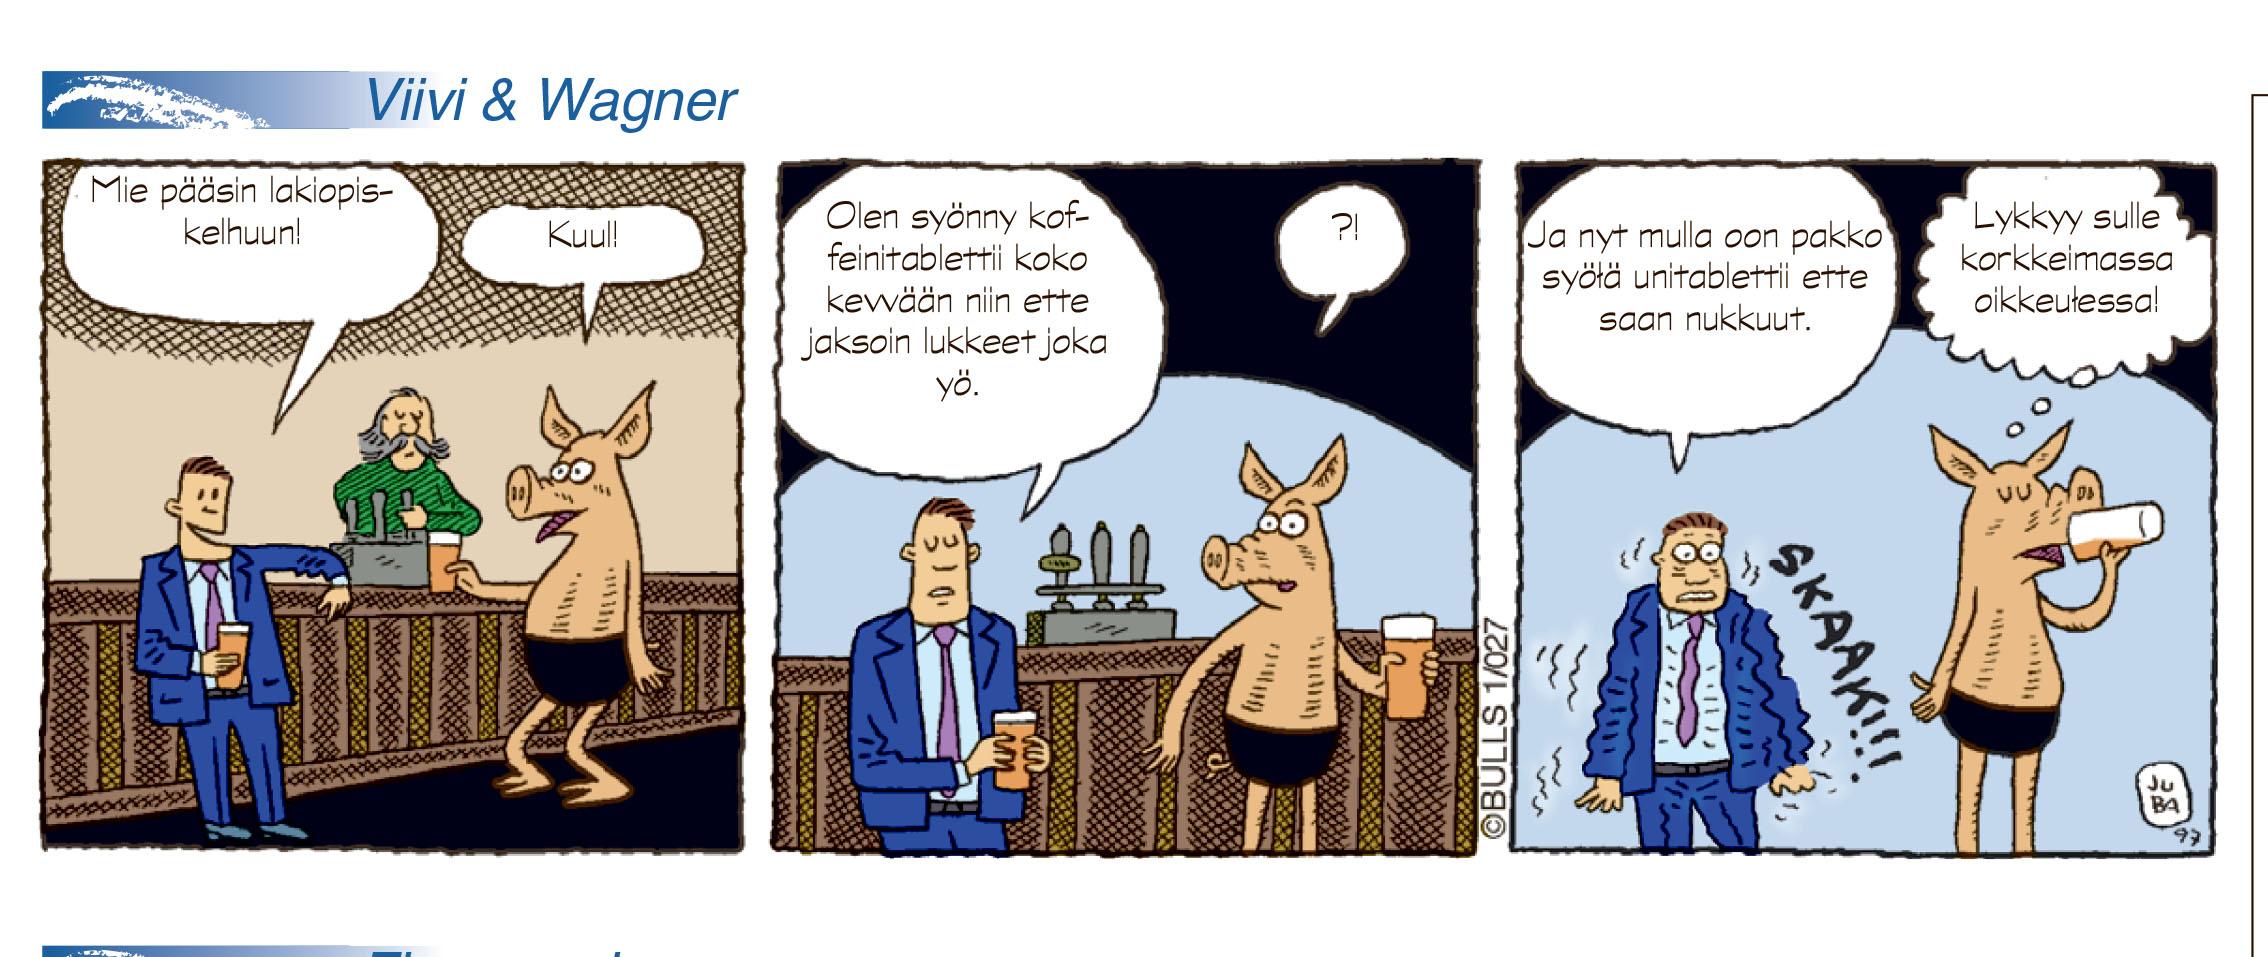 Viivi & Wagner (nr 5 -2014)